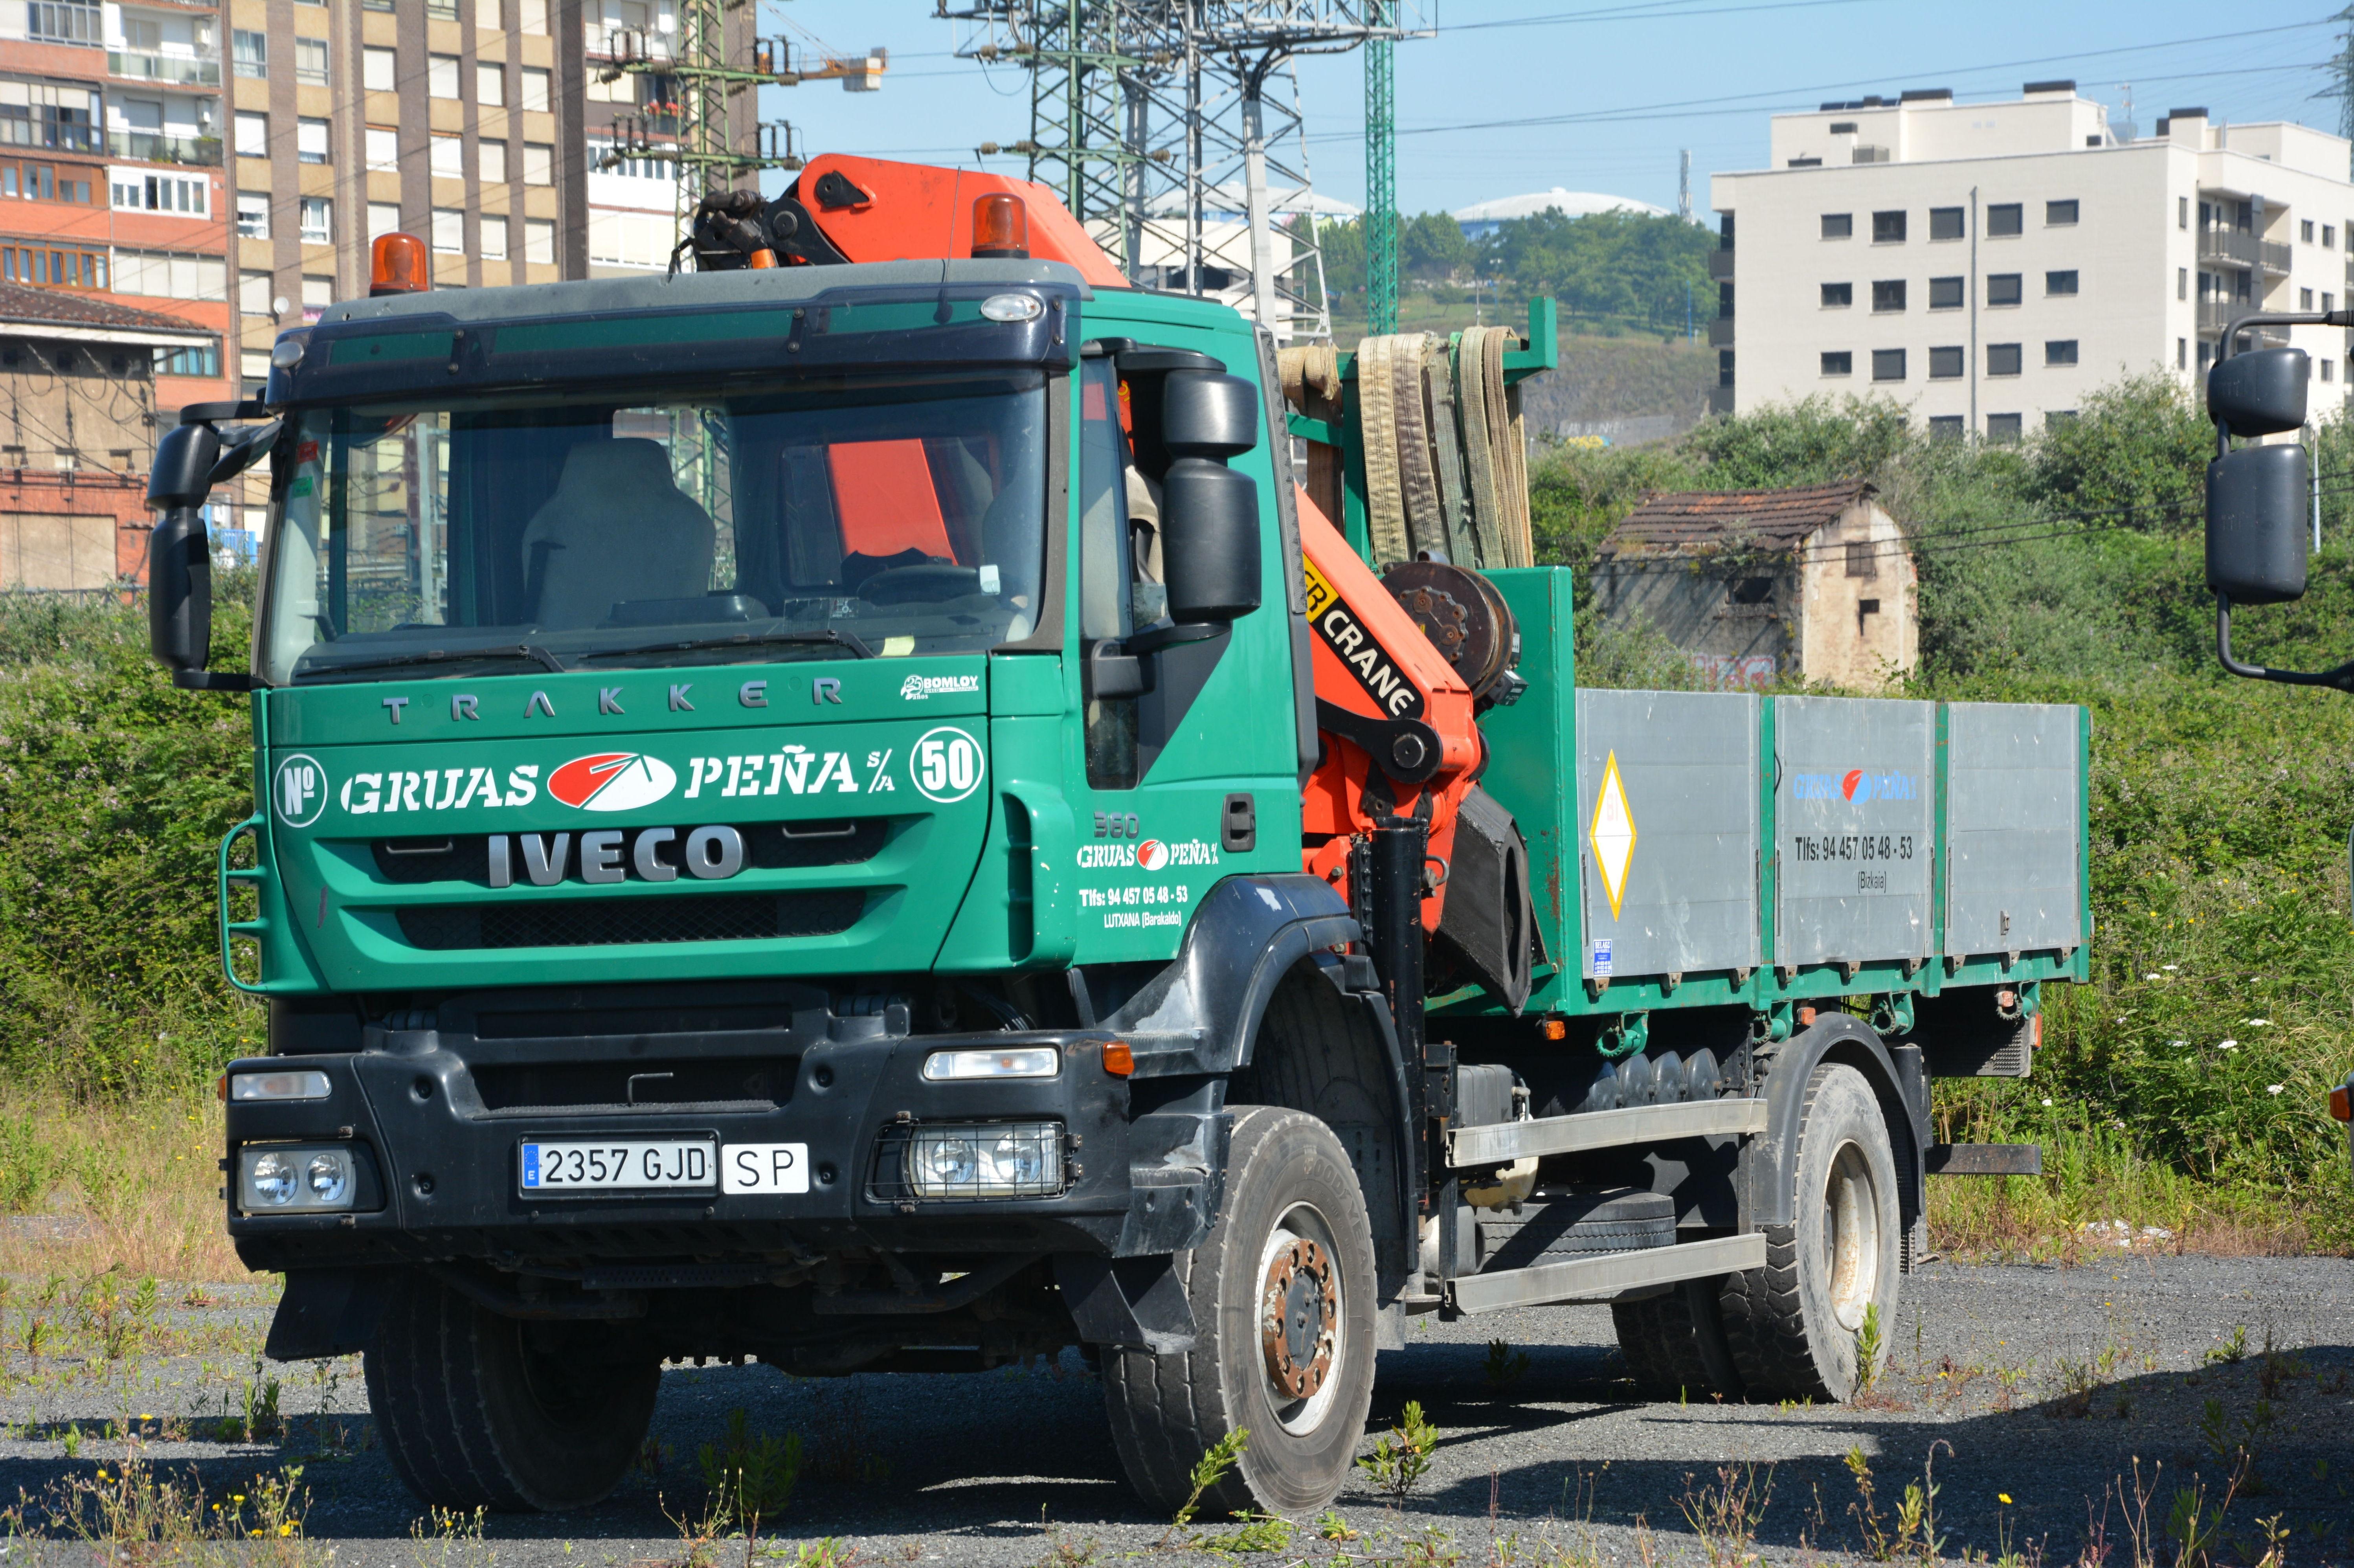 Foto 7 de Alquiler de camiones con grúa en Barakaldo | Camiones con Grúas Peña